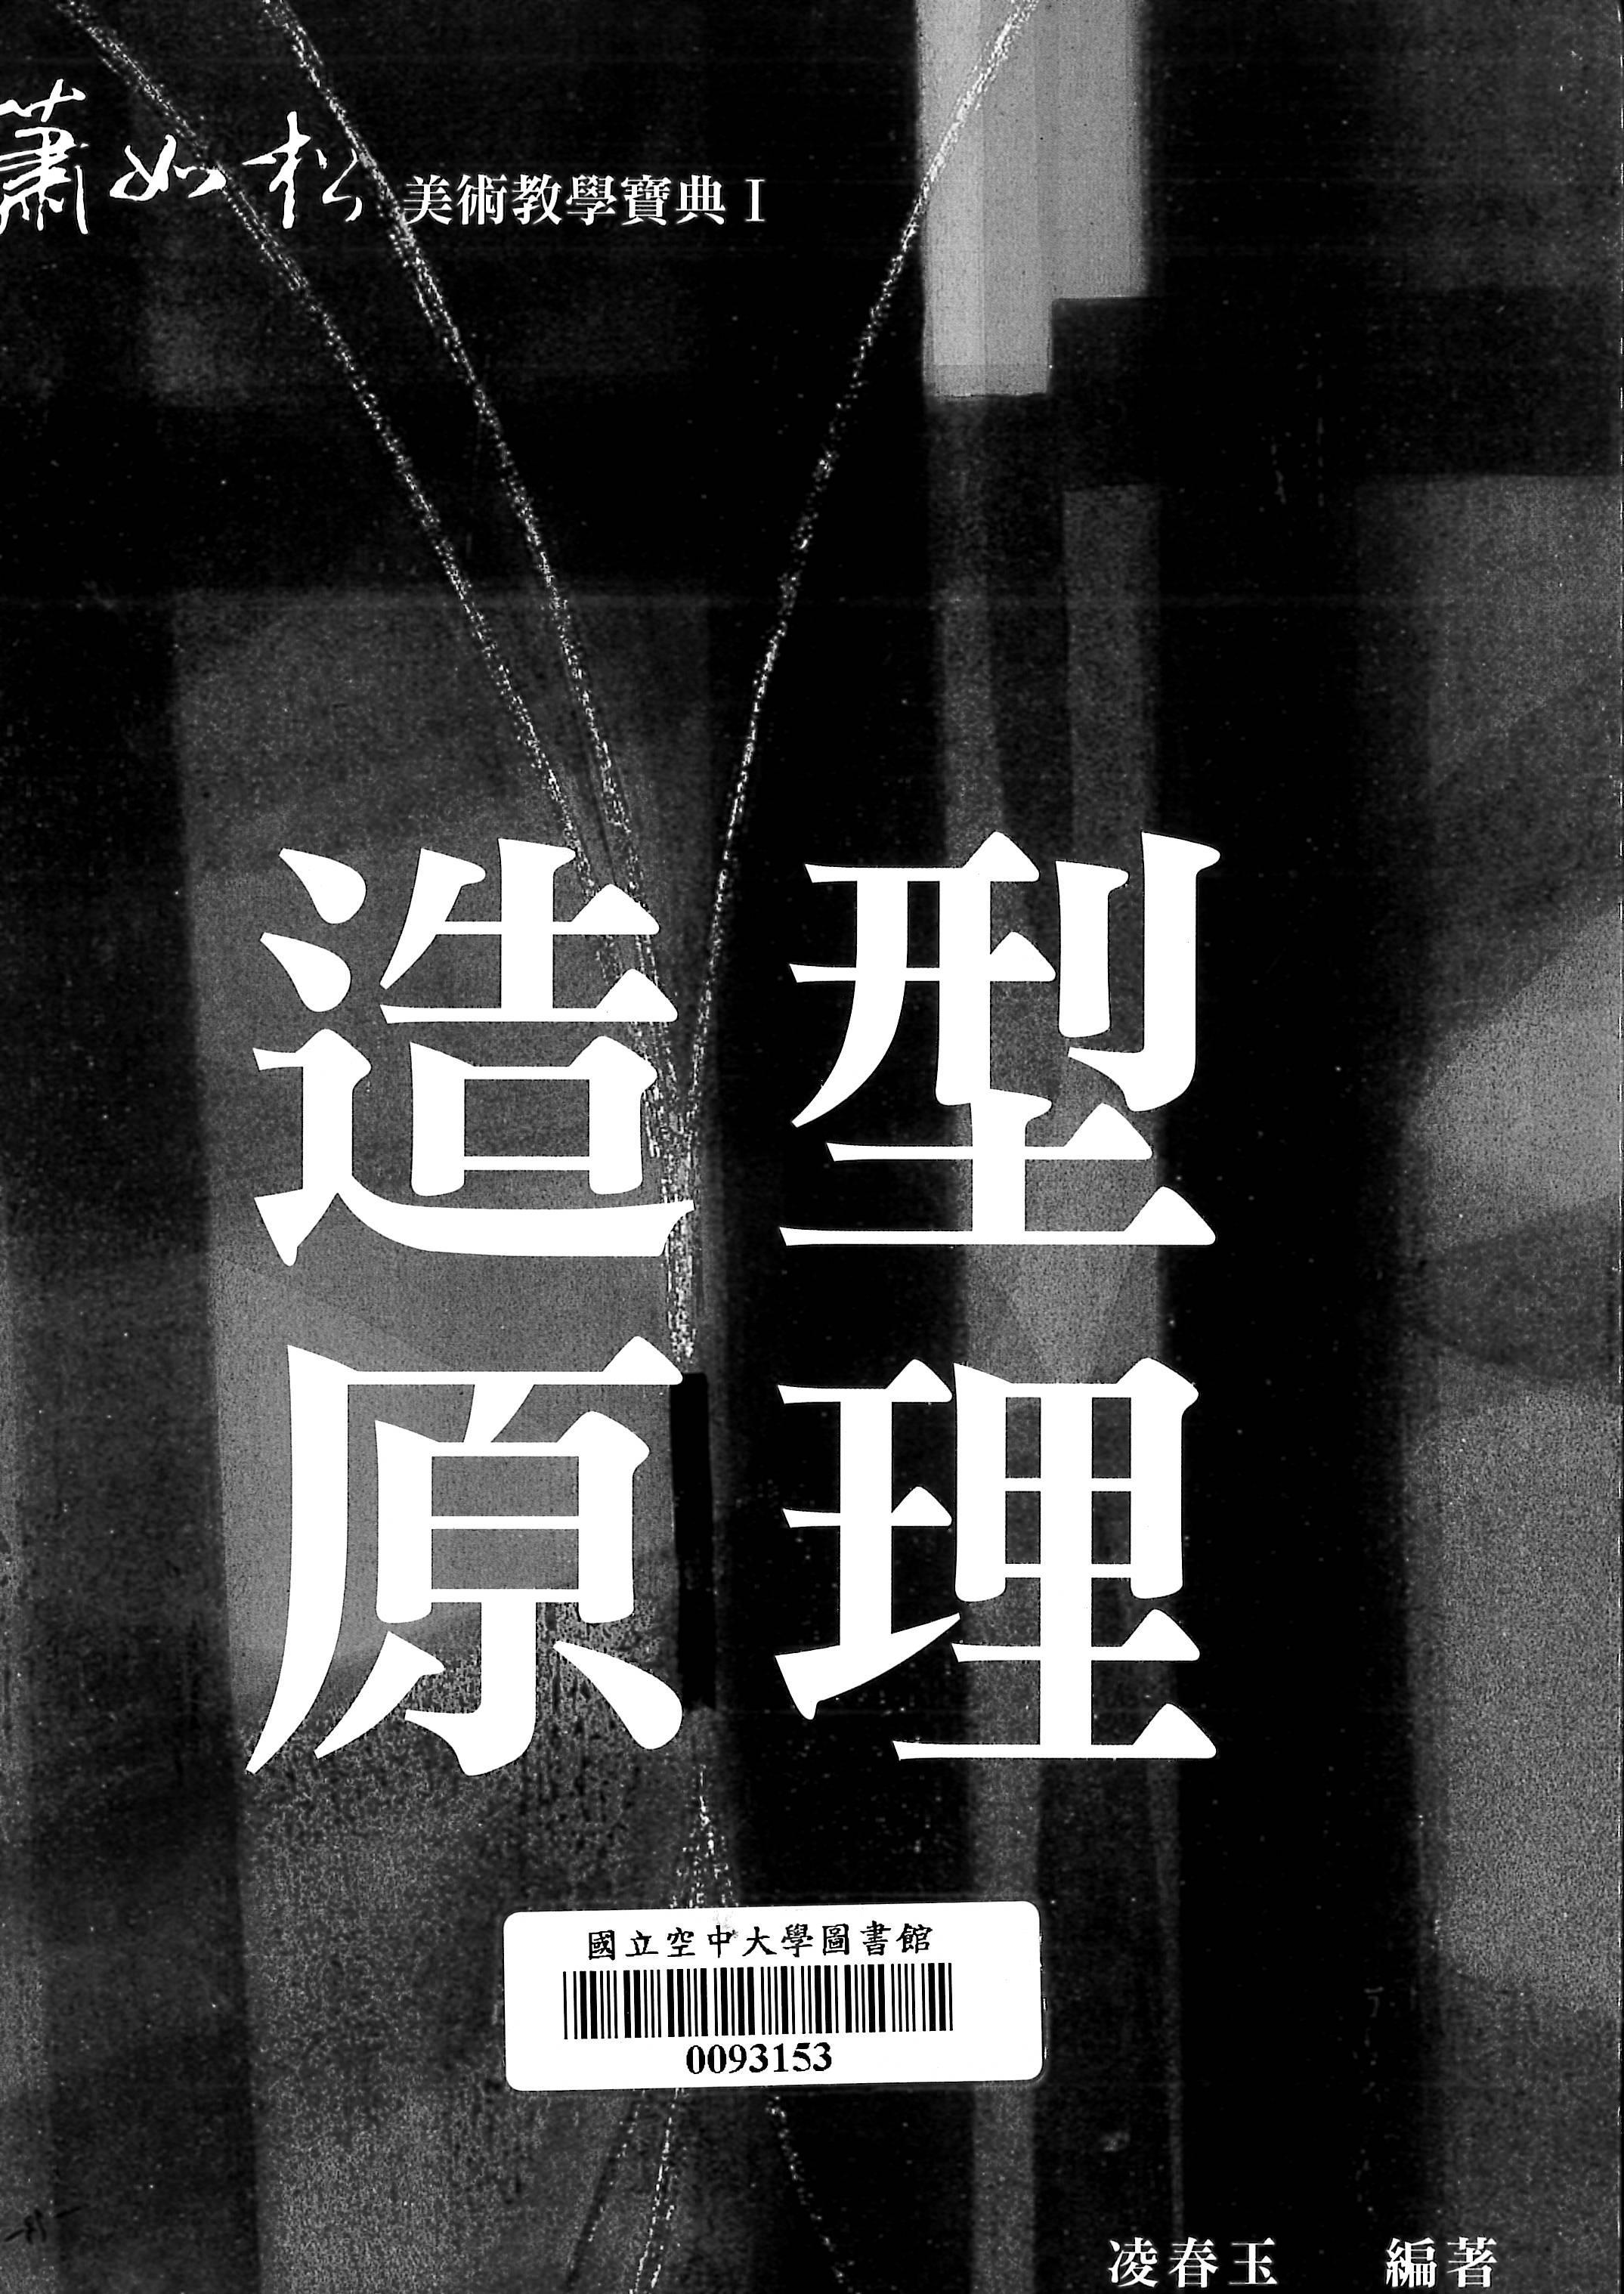 蕭如松美術教學寶典Ⅰ 造型原理/